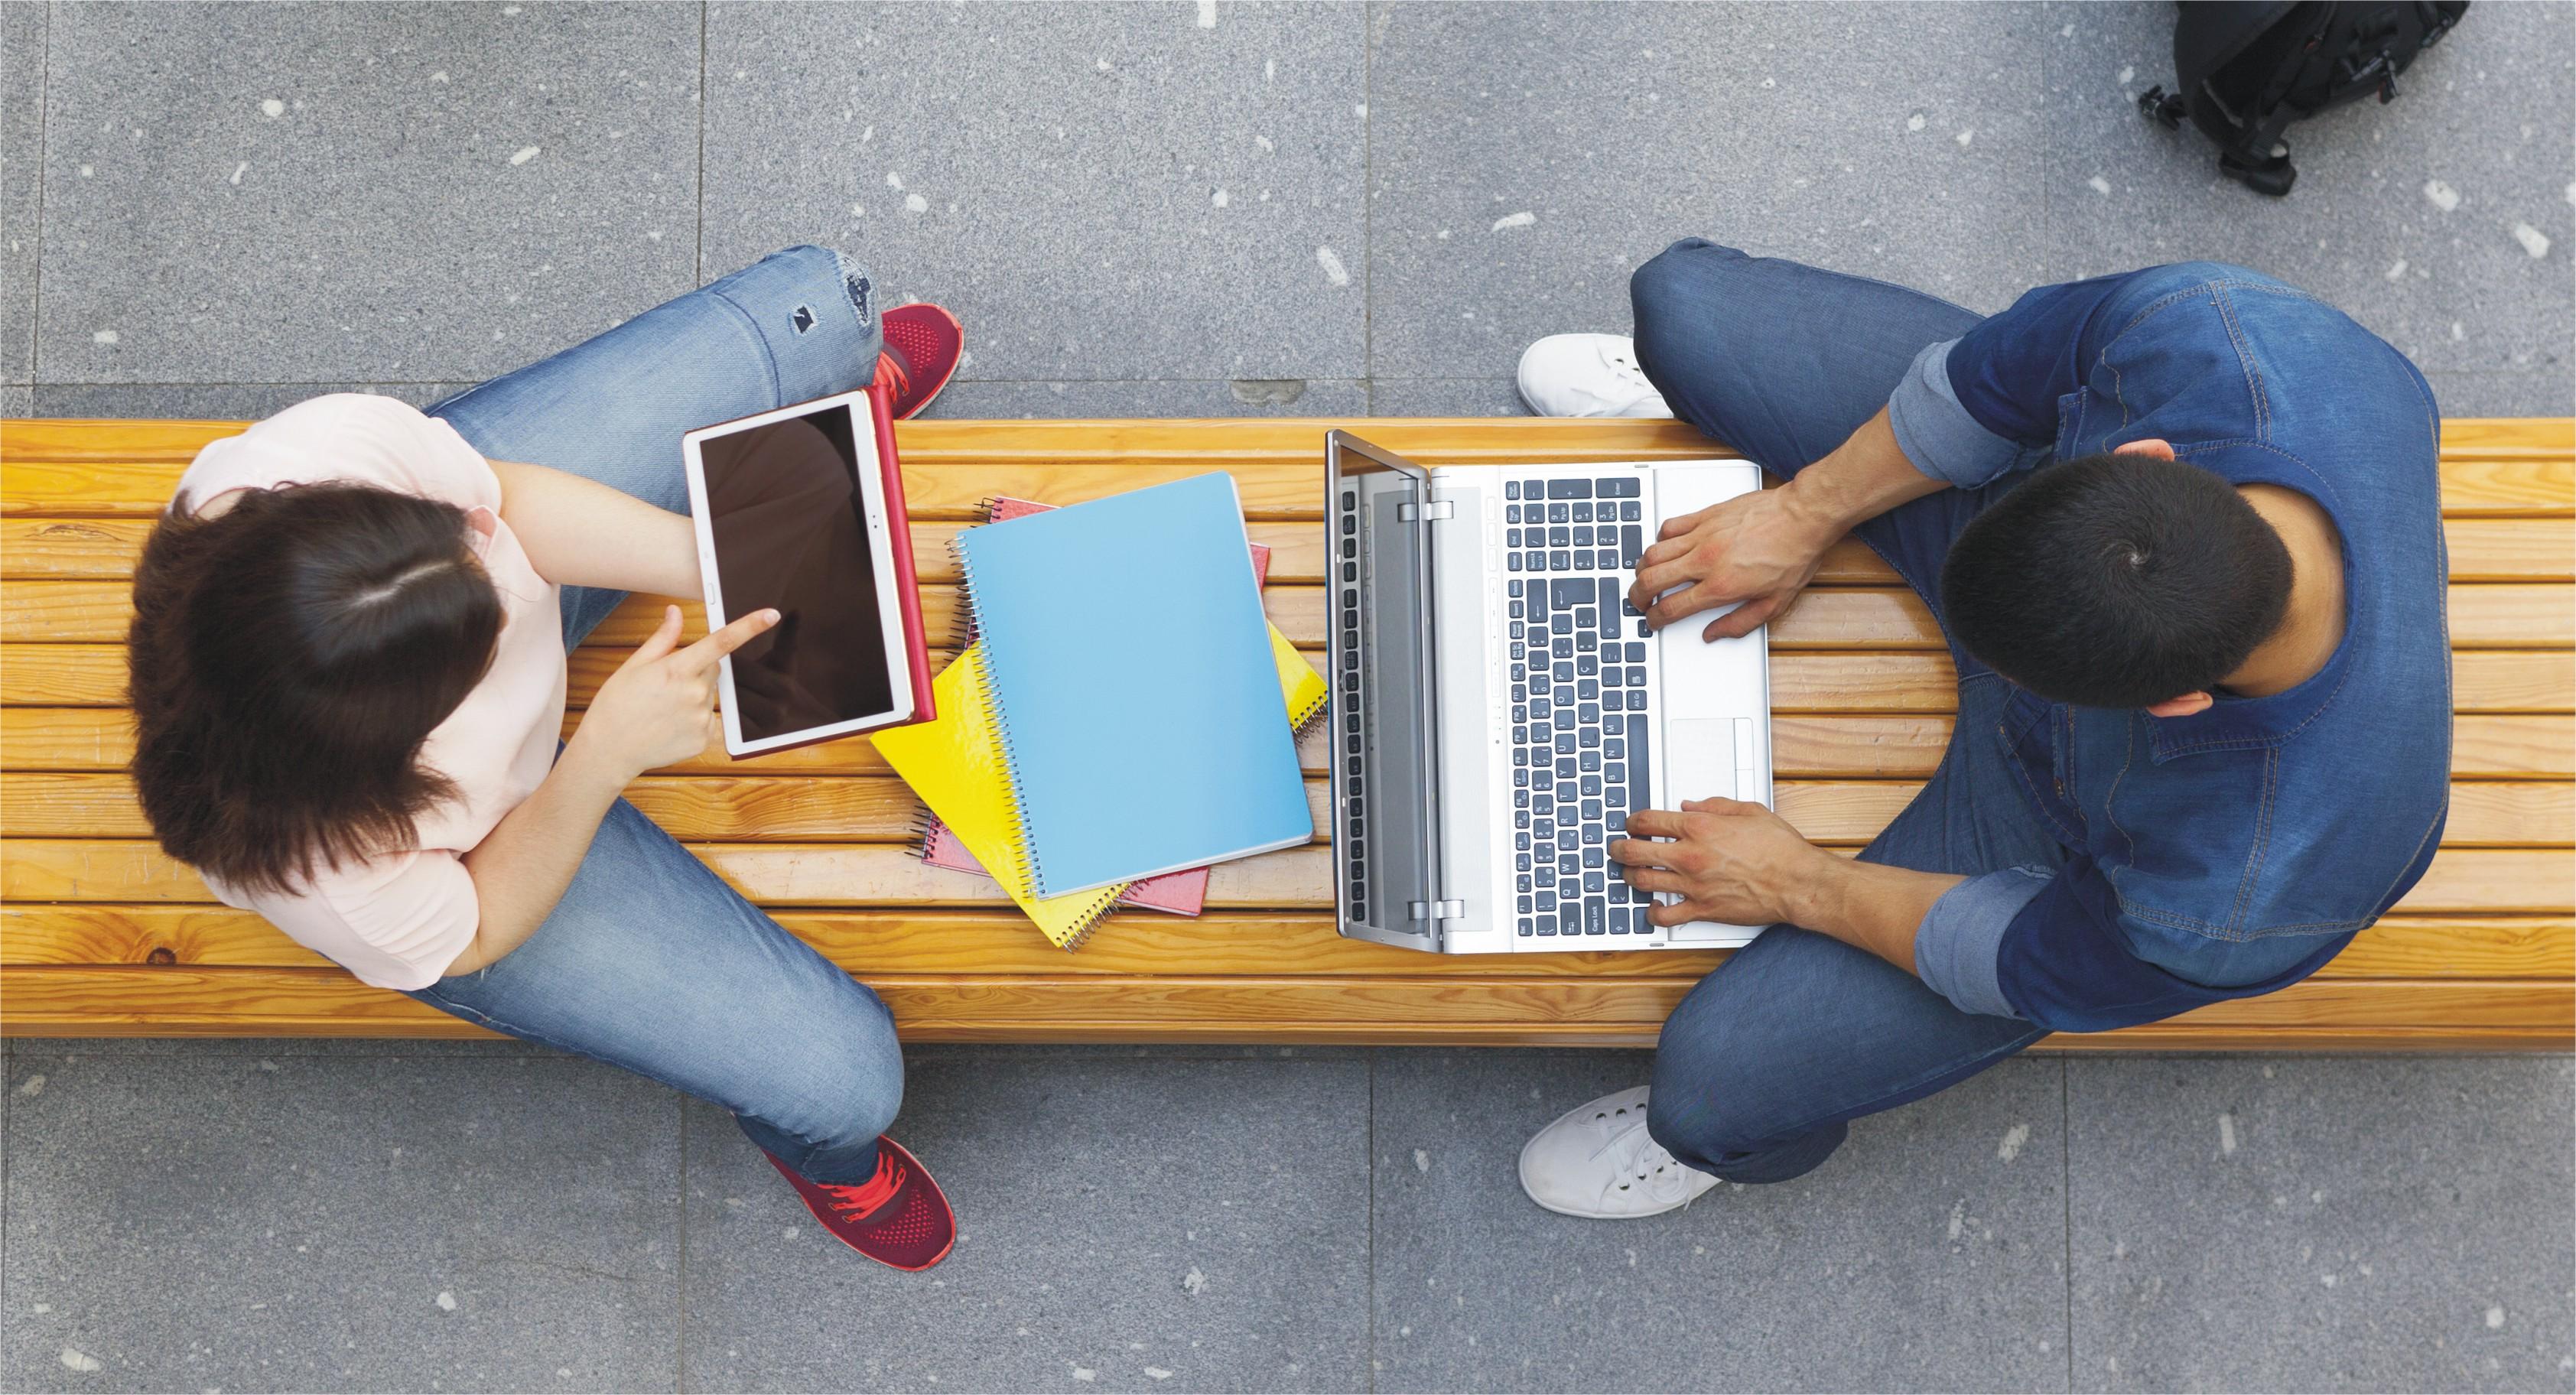 Cómo ofrecer aprendizaje a una sociedad digital que solo dispone de micromomentos